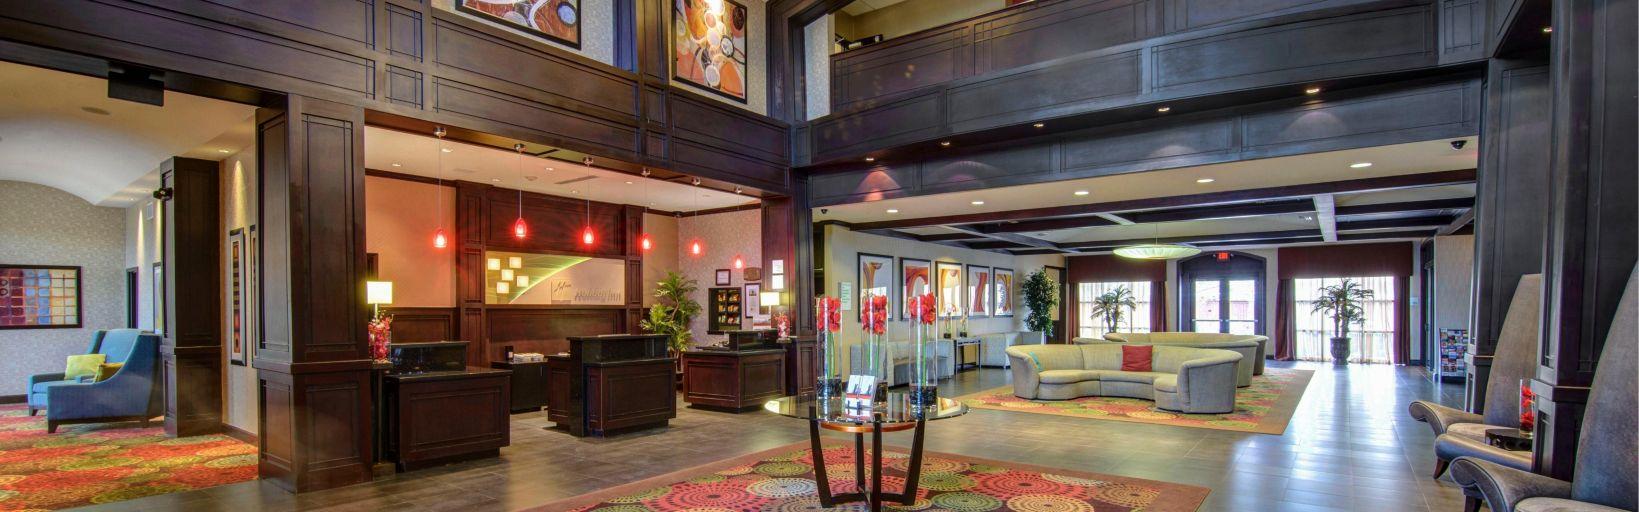 Hotel lobby hotel lobby